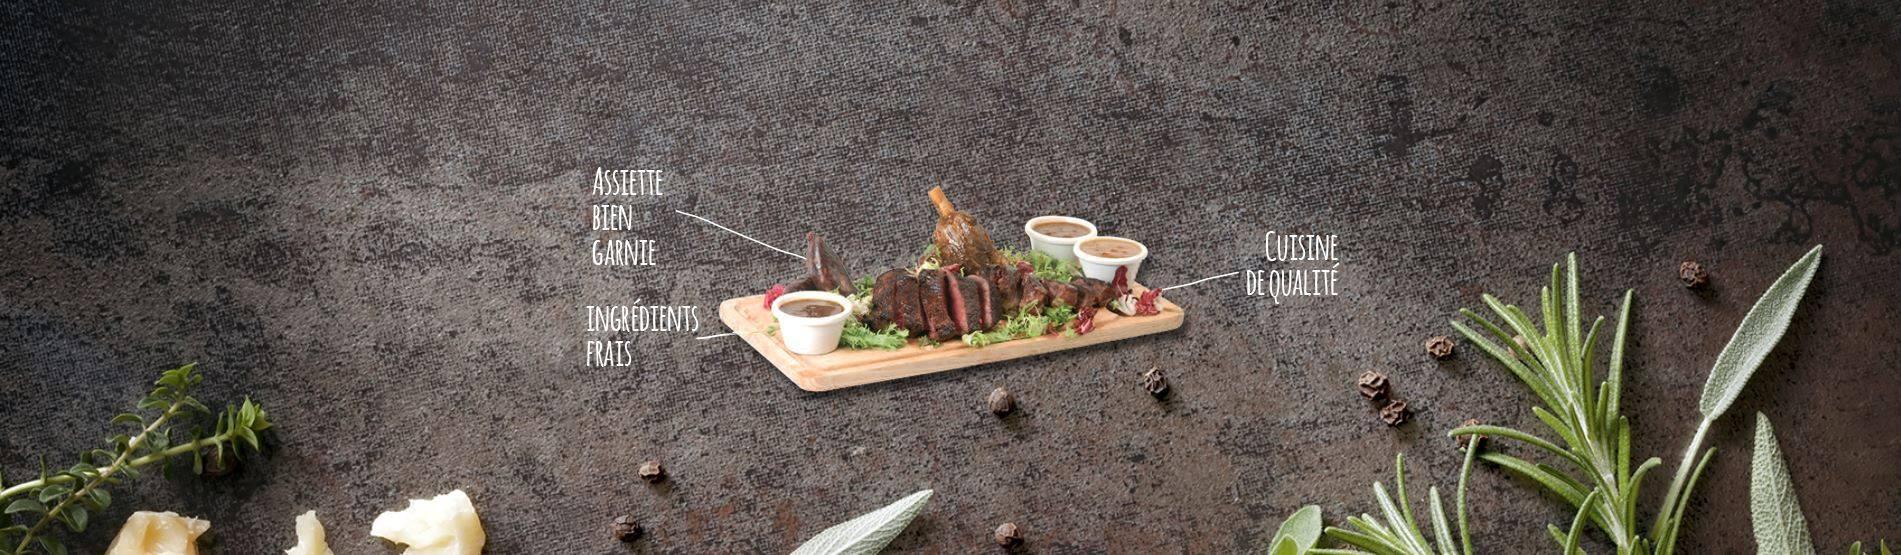 Les Terrasses - Restaurant Carry le Rouet